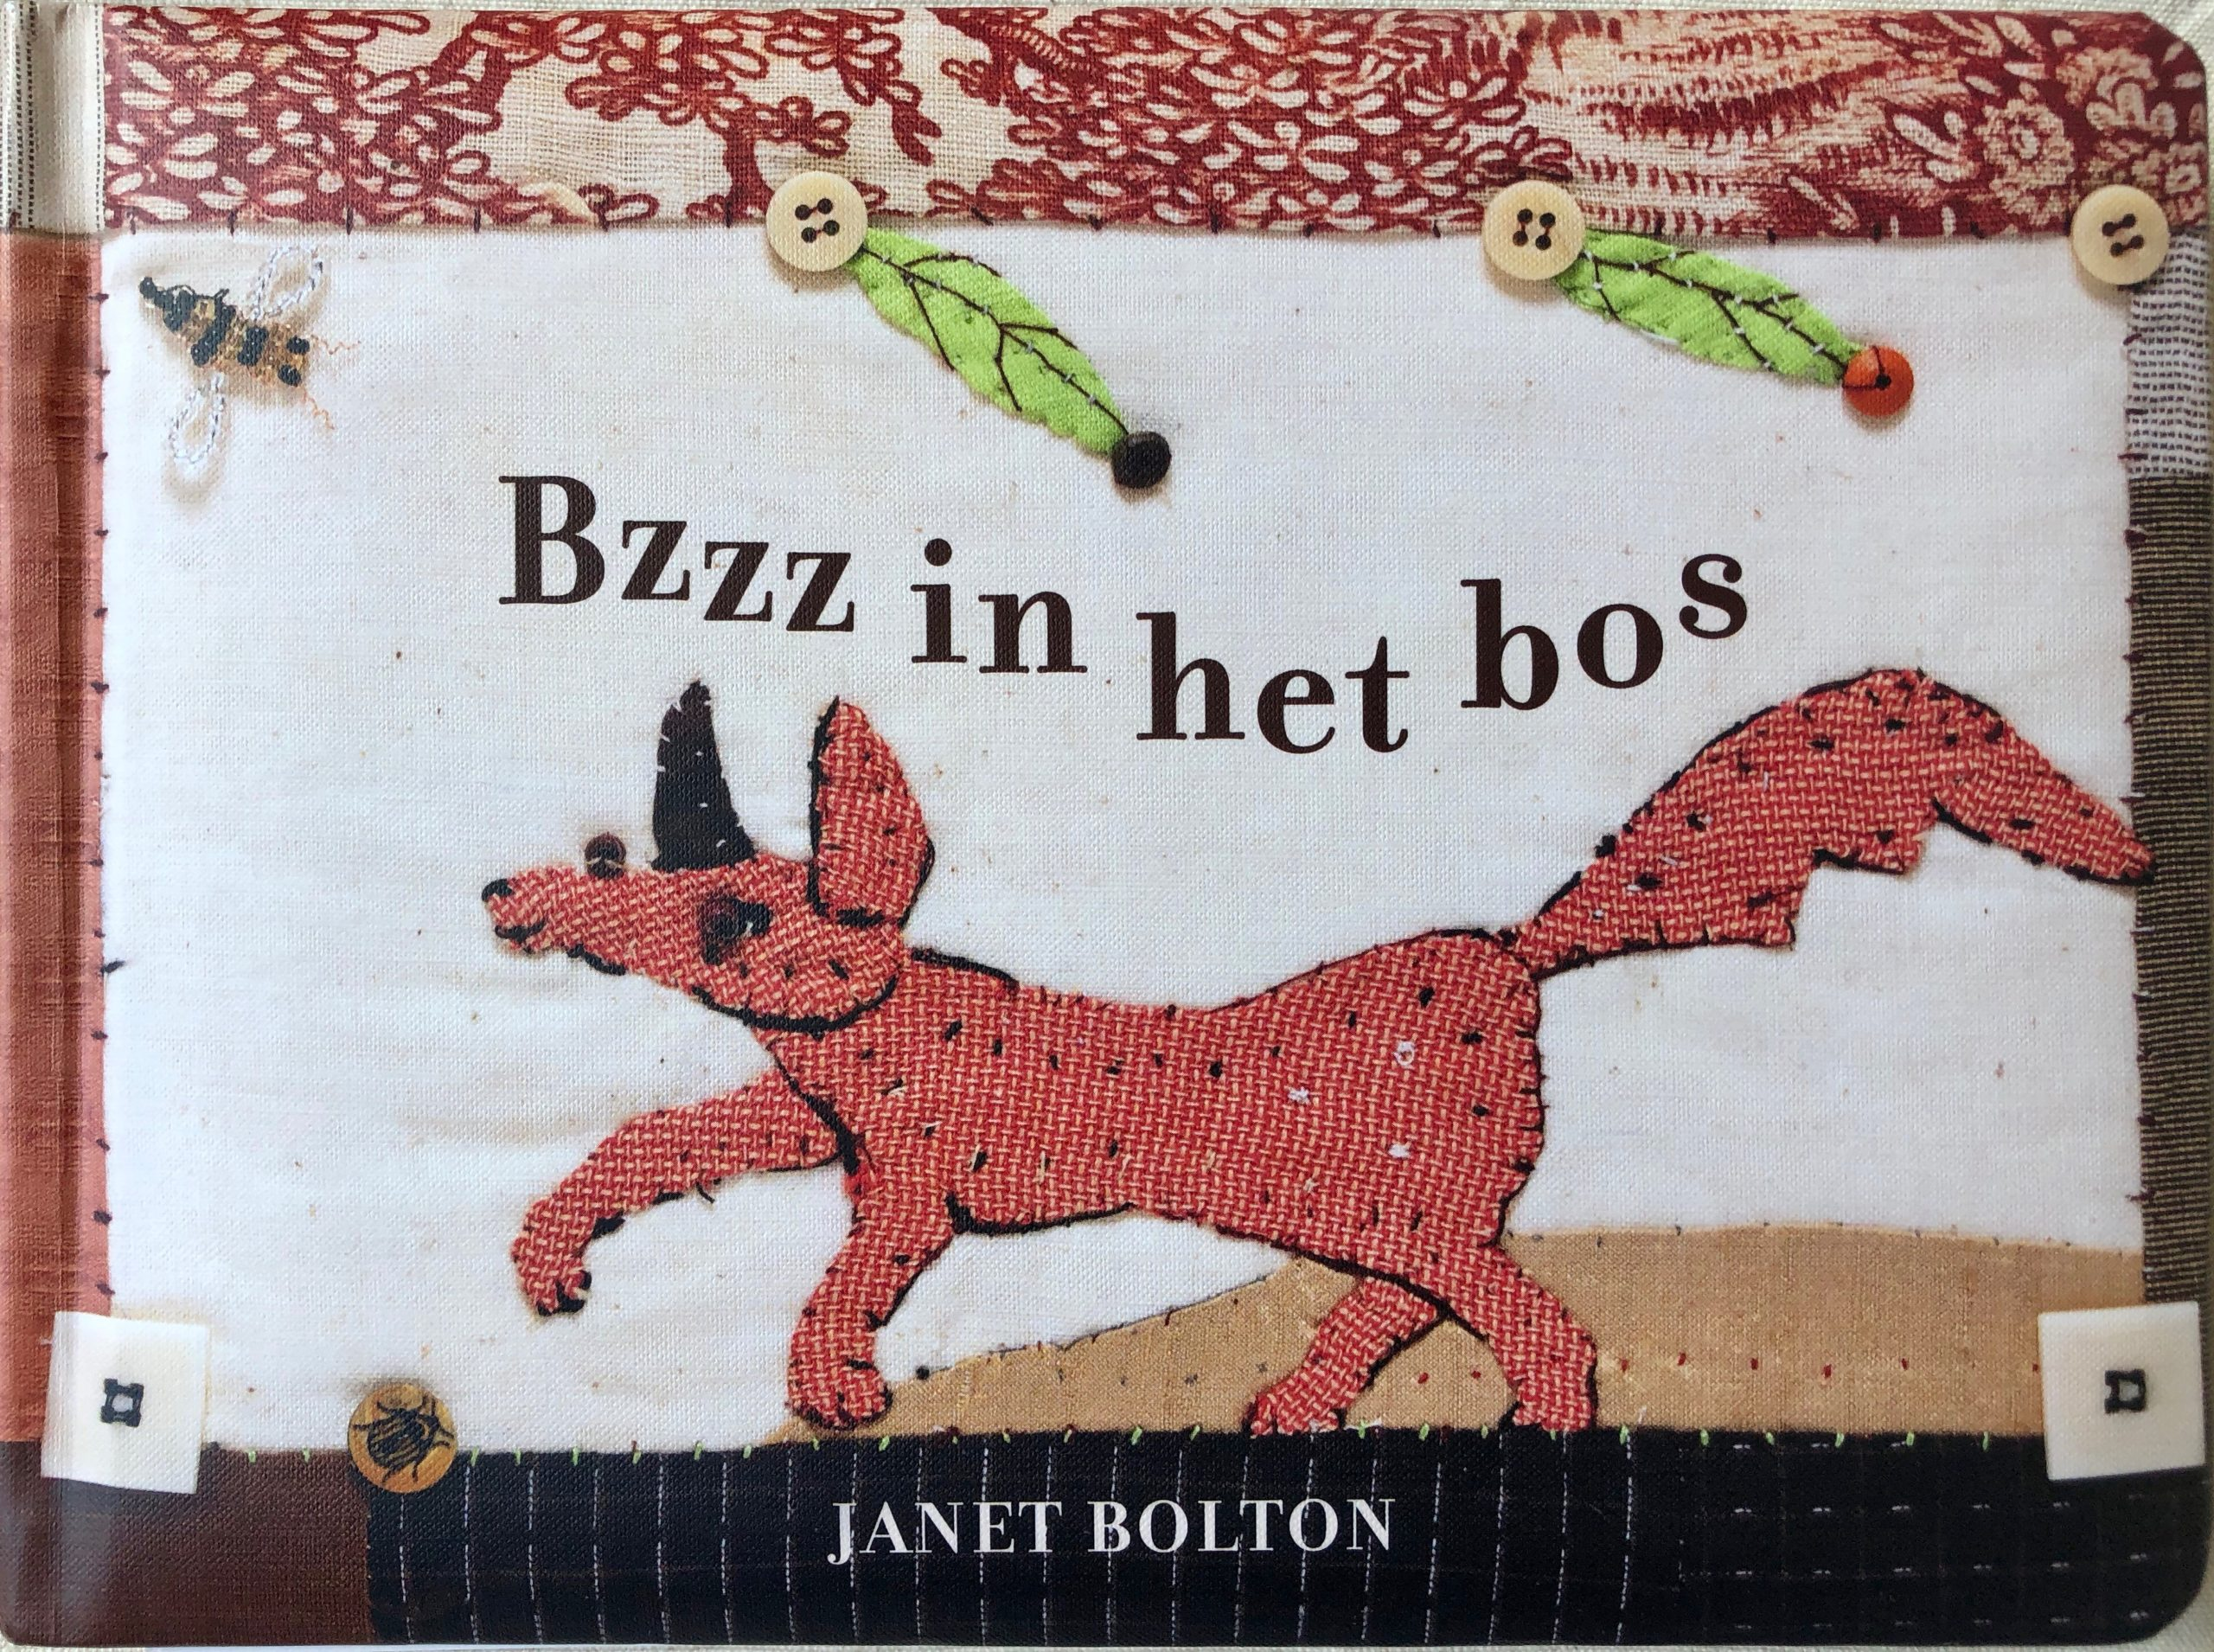 Boek cover van 'Bzzz in het bos' geschreven door Naomi Tieman